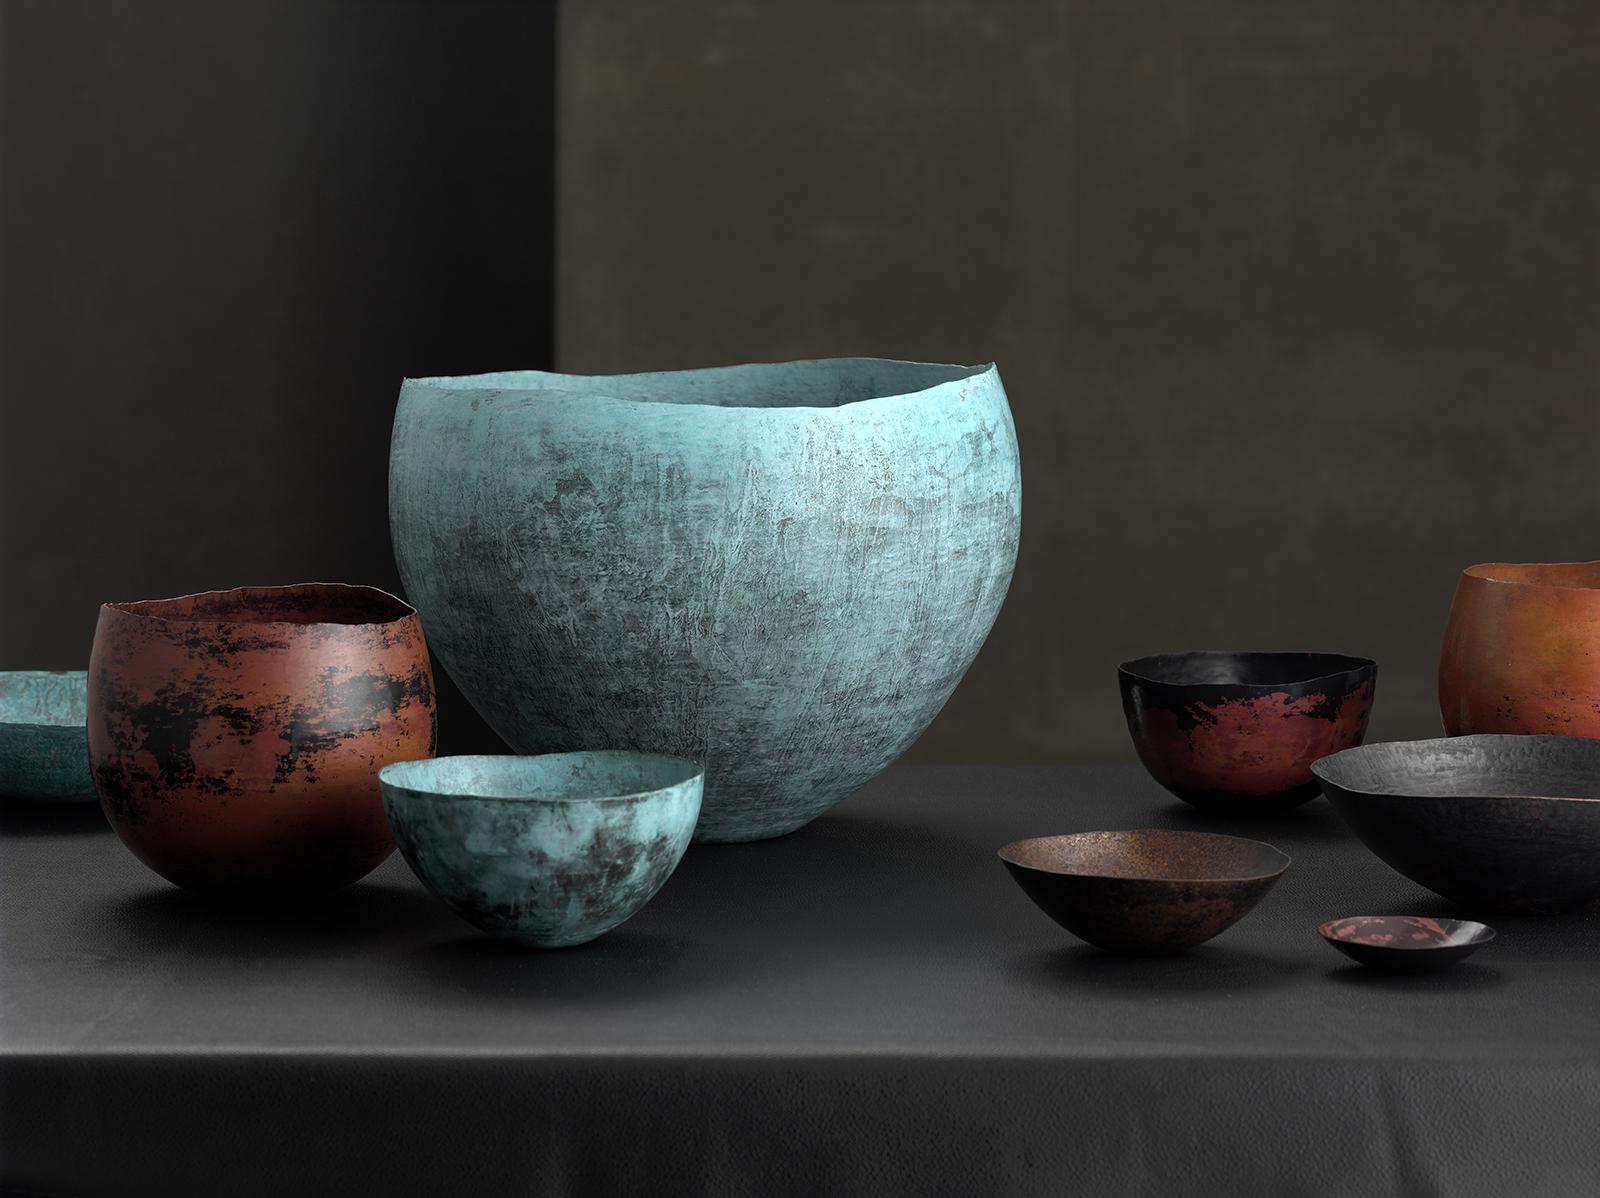 Werbefotografie Studio Oberfranken Handcraftet Bowls FROM ISMAEL CONDE RUIZ silversmith